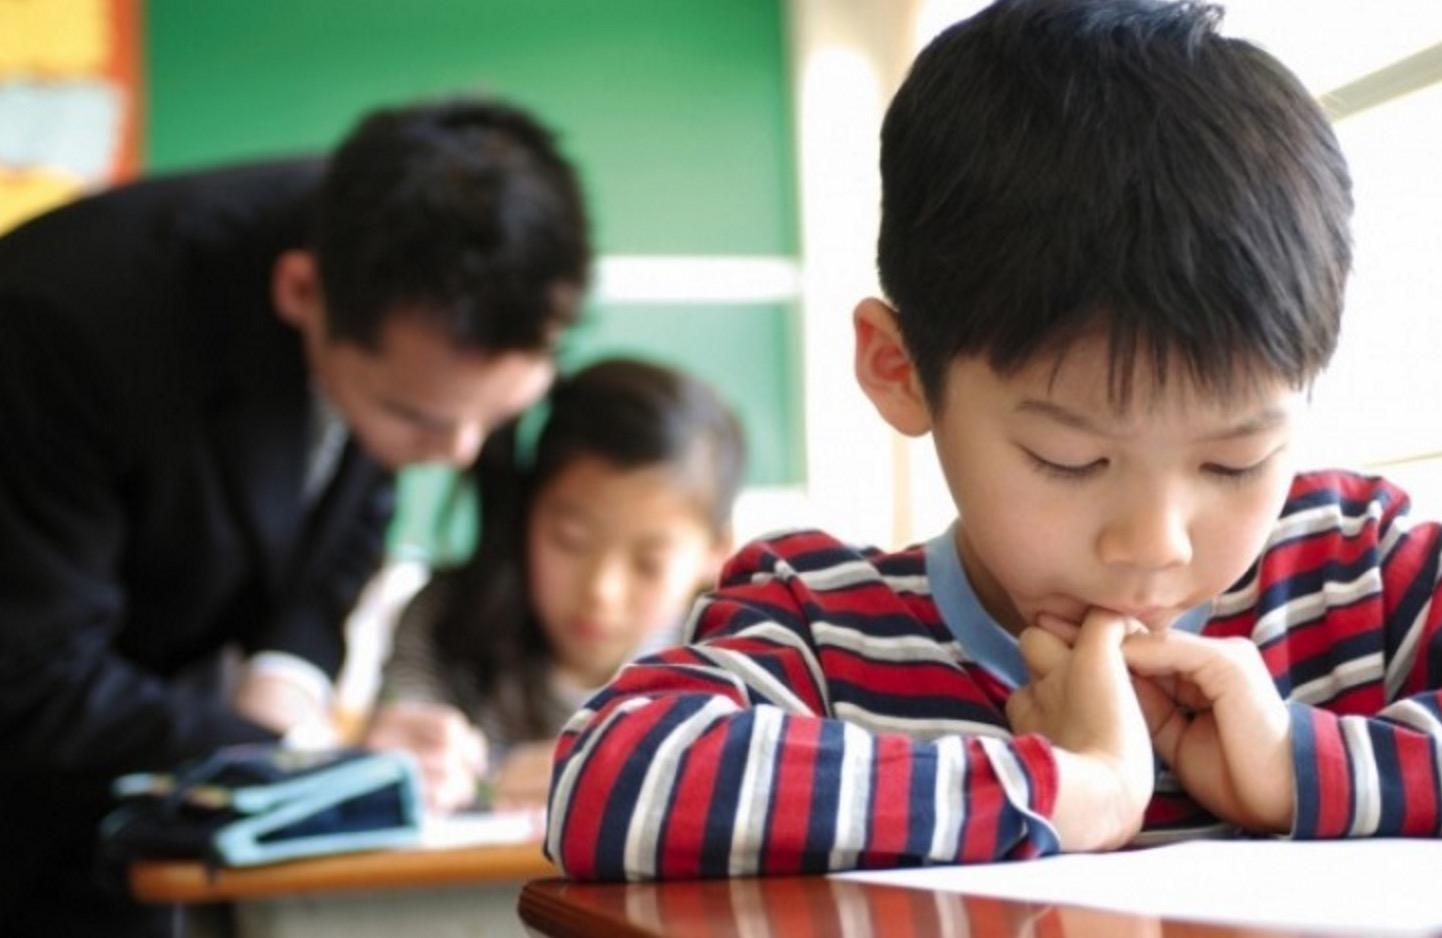 Kết quả hình ảnh cho japanese boy in school